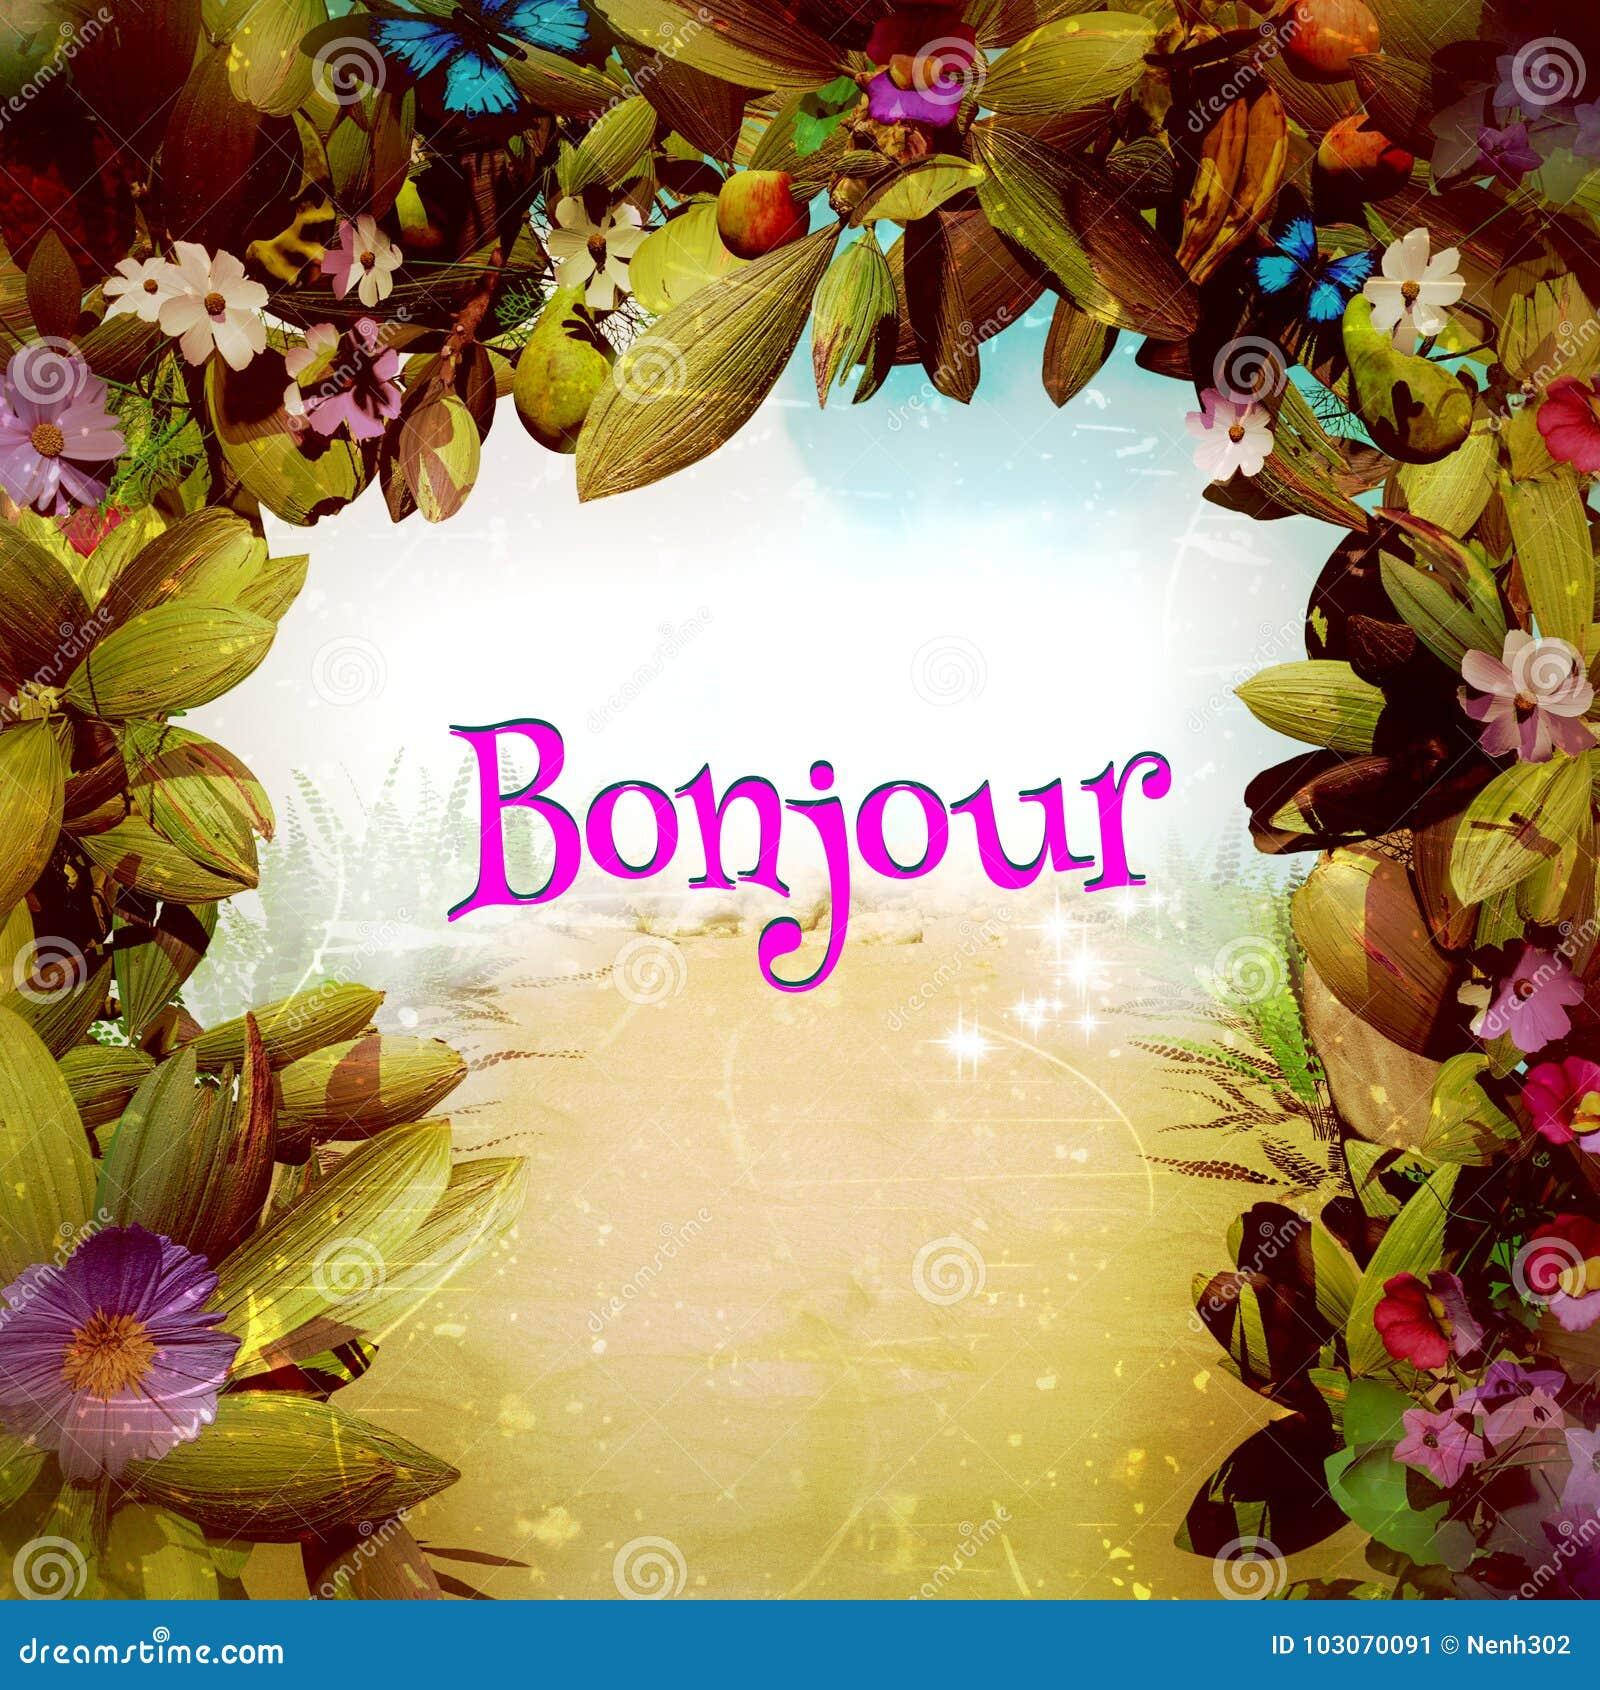 Bonjour in einem magischen Fantasie-Blumen-Tor